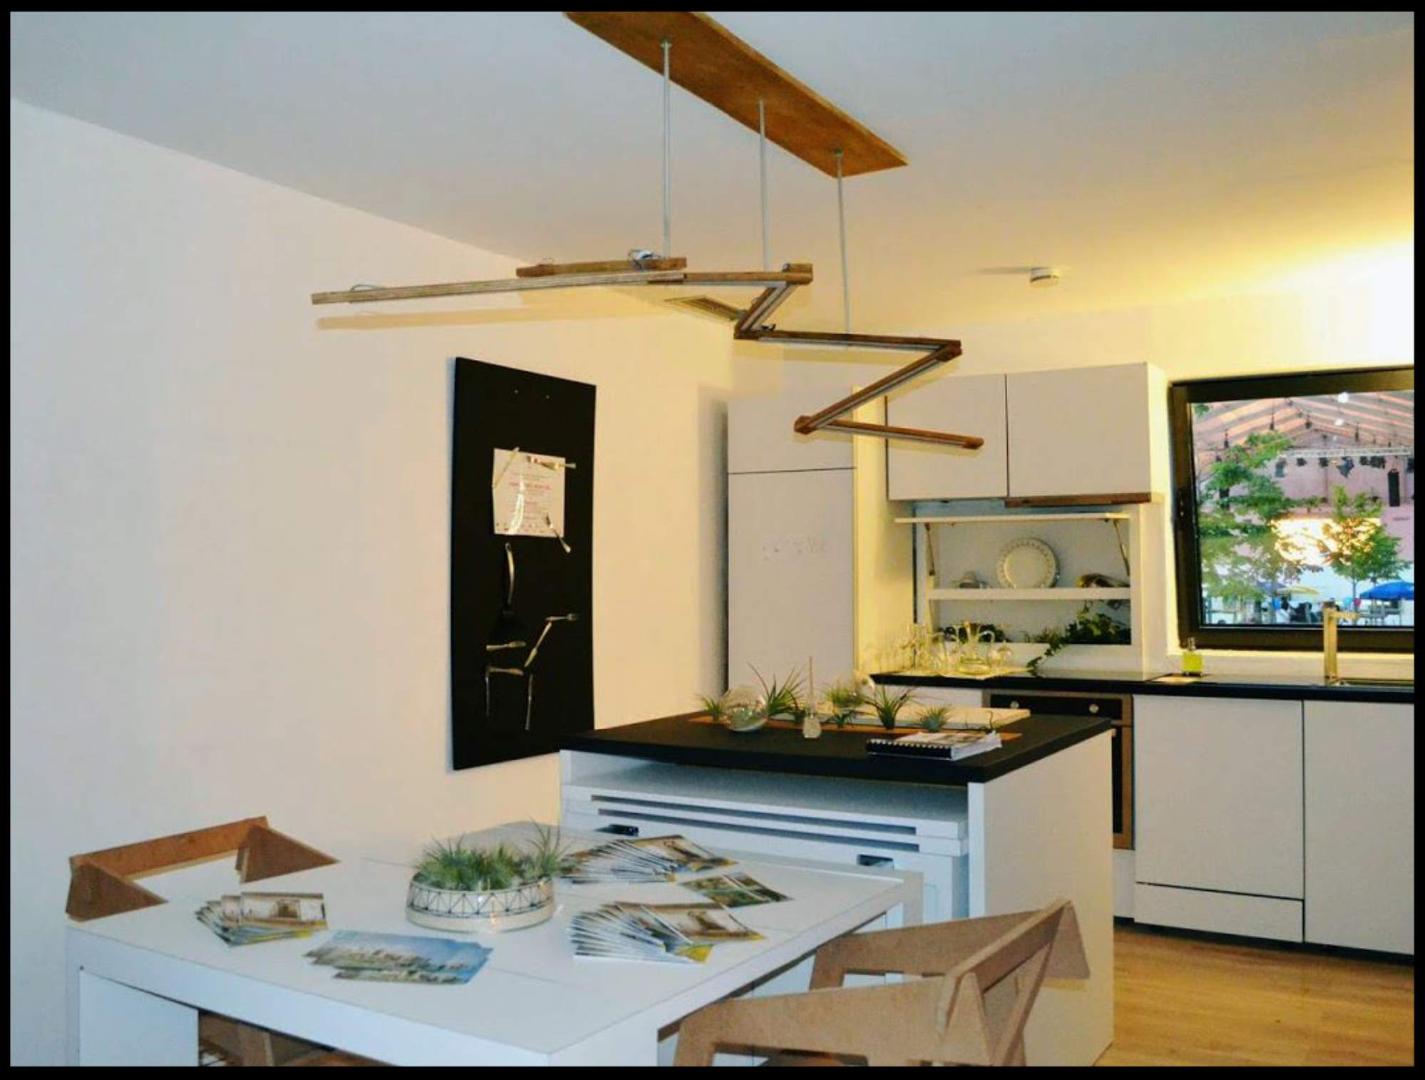 EFdeN mobilier placaj stratificat hpl ultramat bucatarie extensibila dormitor living baie009